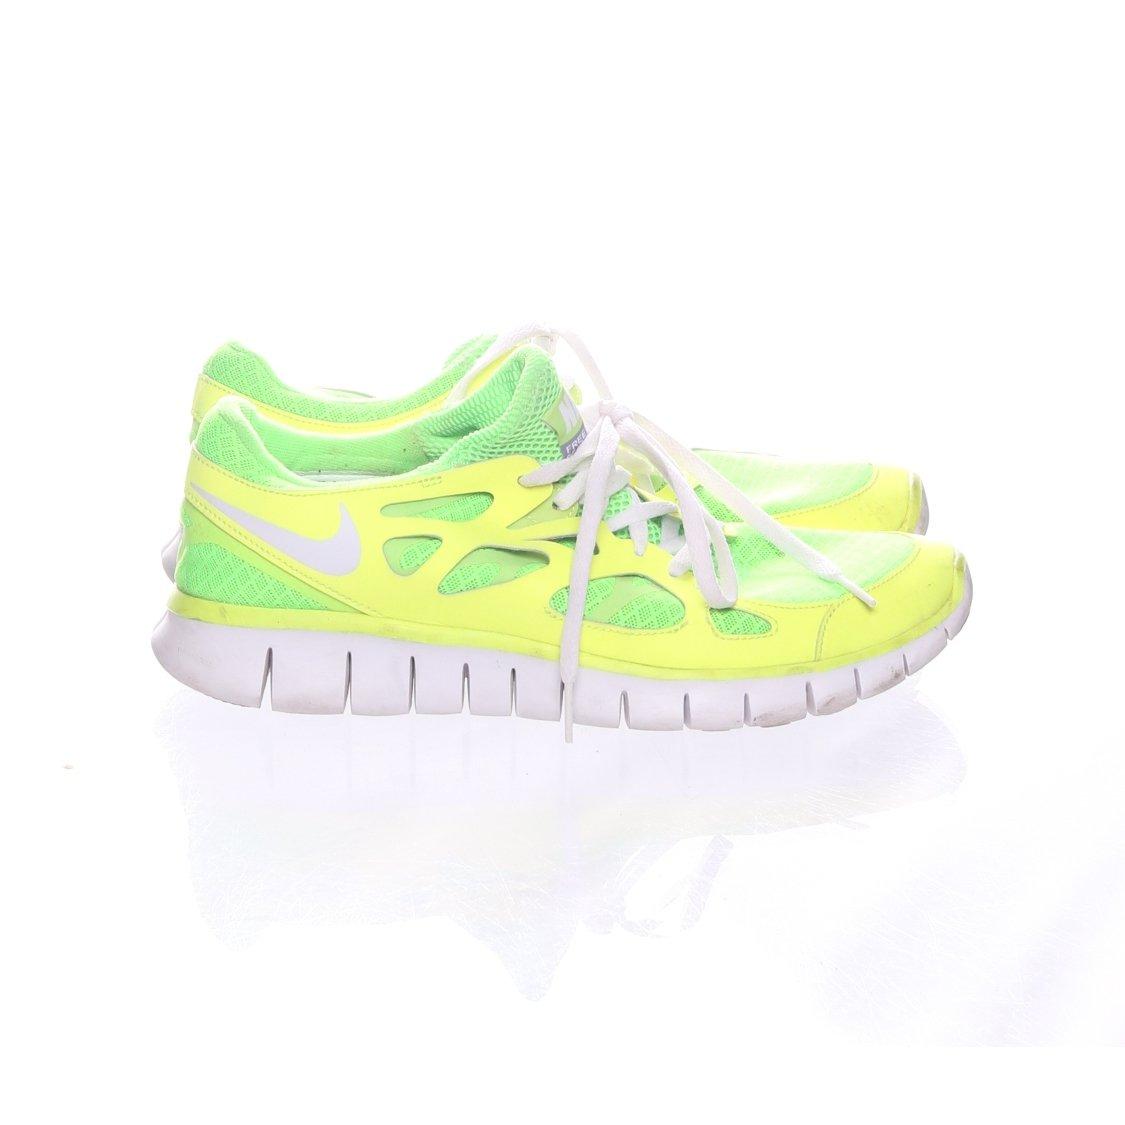 Nike, Löparskor, Strl: 42, Free run 2, Grön